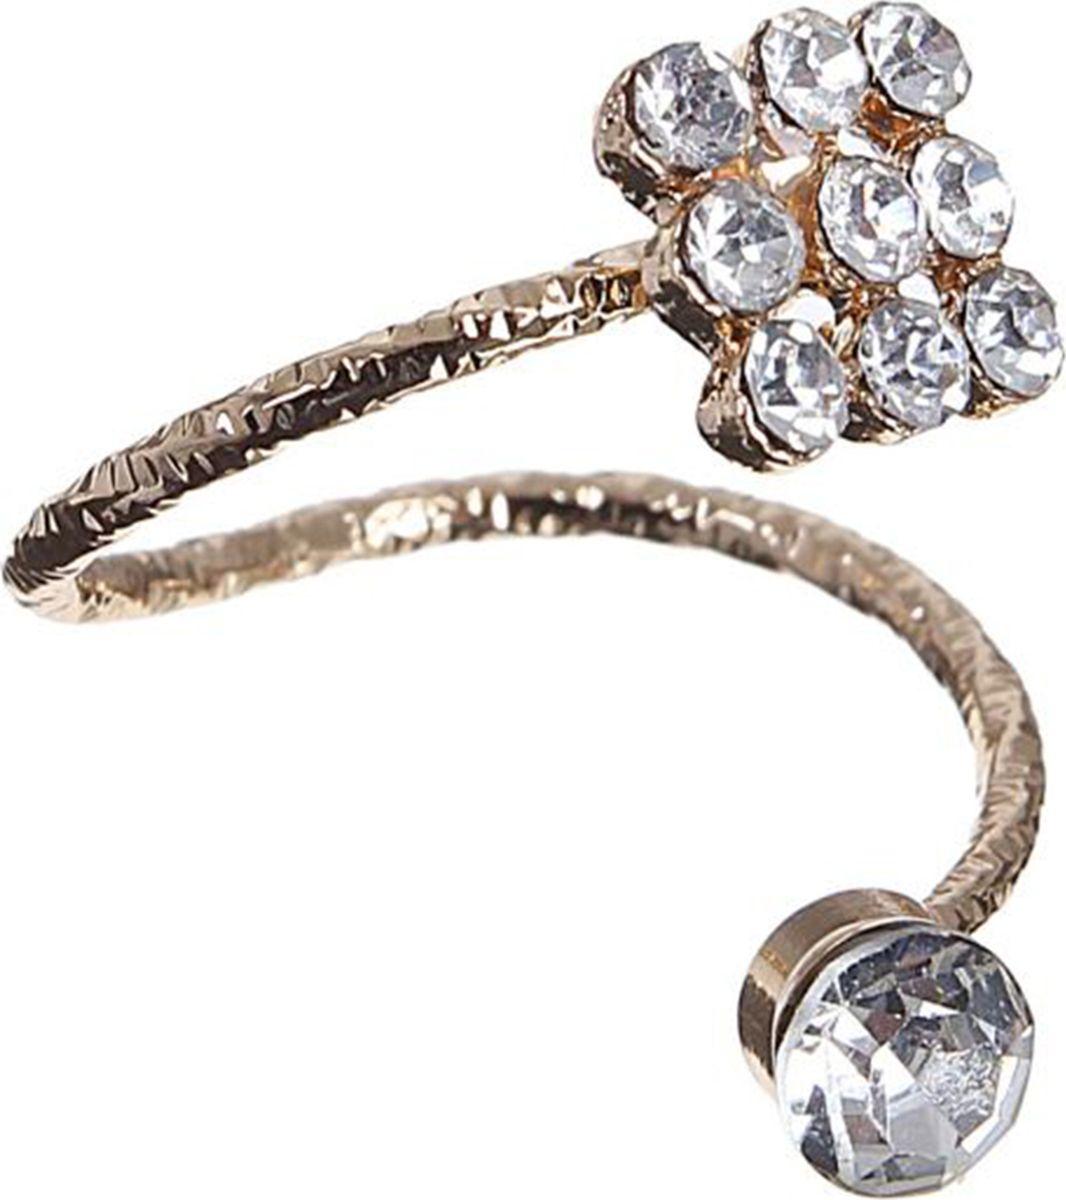 Кольцо Mitya Veselkov Классика, цвет: золотистый. 15033461503346Оригинальное кольцо Mitya Veselkov Классика изготовлено из гипоаллергенного бижутерного сплава. Изделие выполнено с вкраплениями из страз.